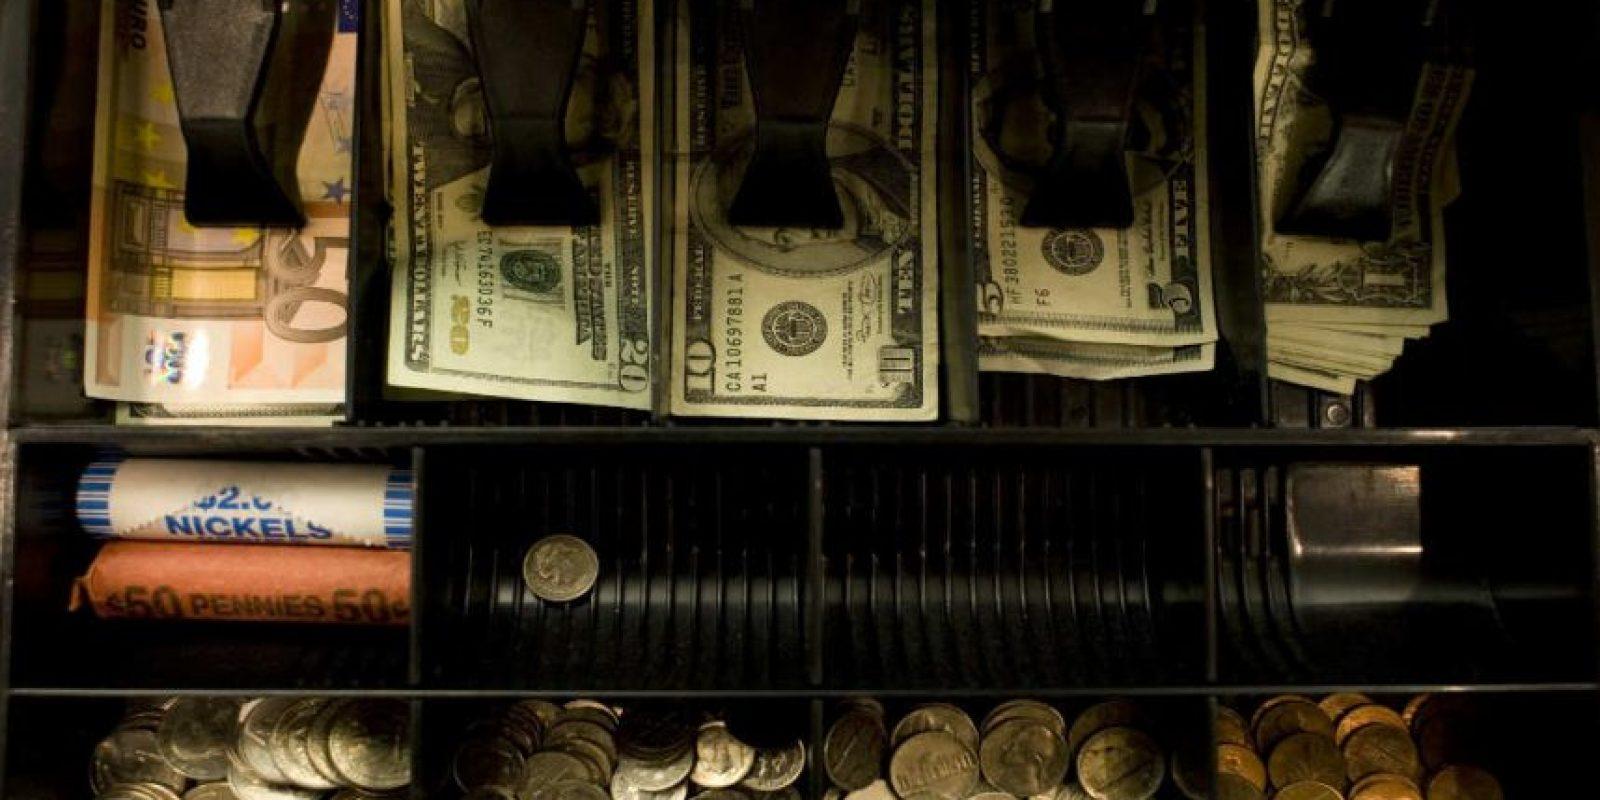 Sólo adquieran una cuenta bancaria conjunta si tienen la mismas ideas económicas. Foto:Getty Images